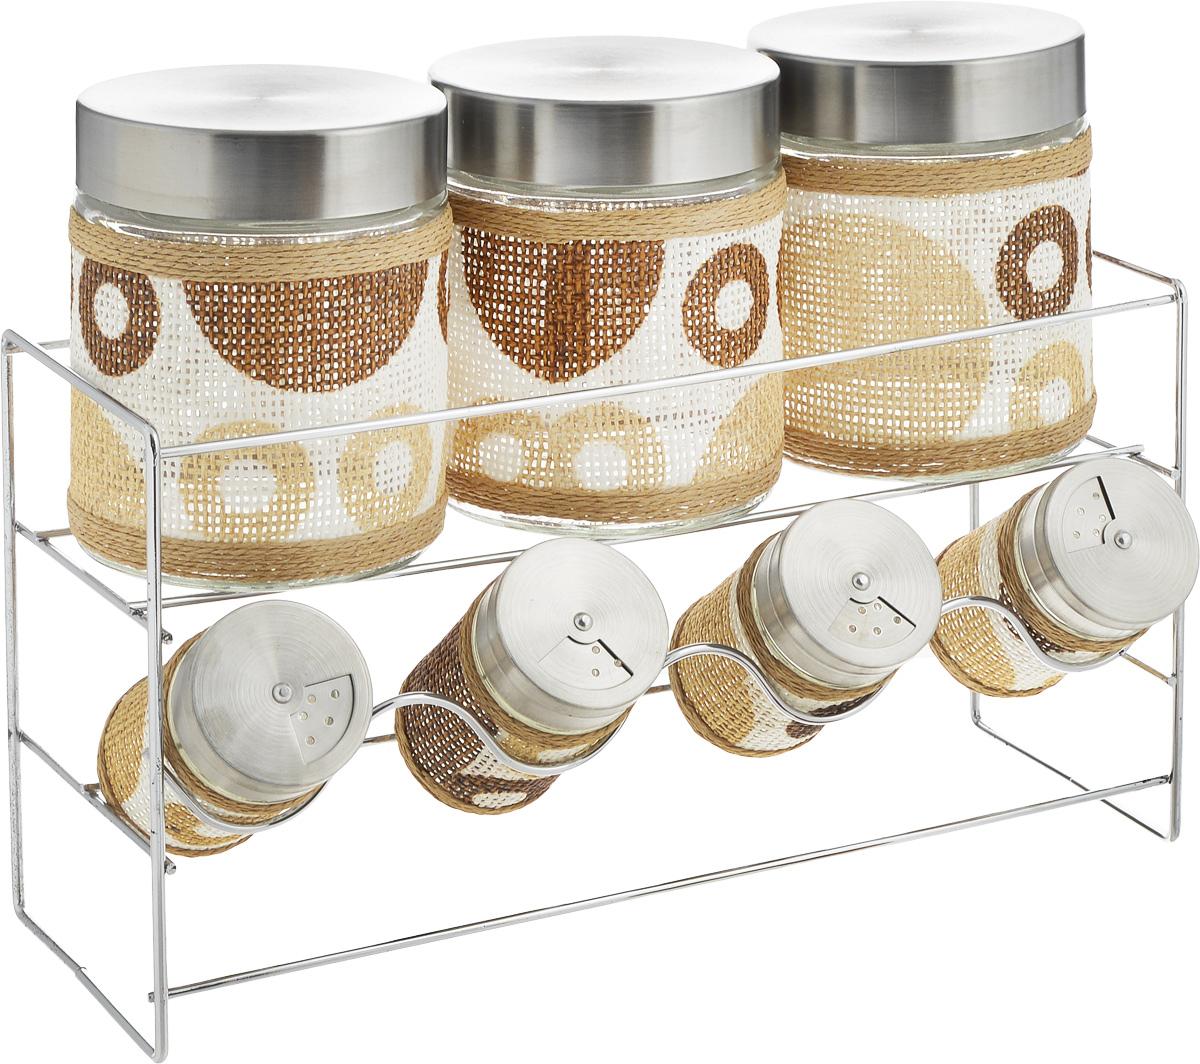 Набор банок для сыпучих продуктов и специй Patricia Круги, с подставкой, 8 предметов. IM99-3906